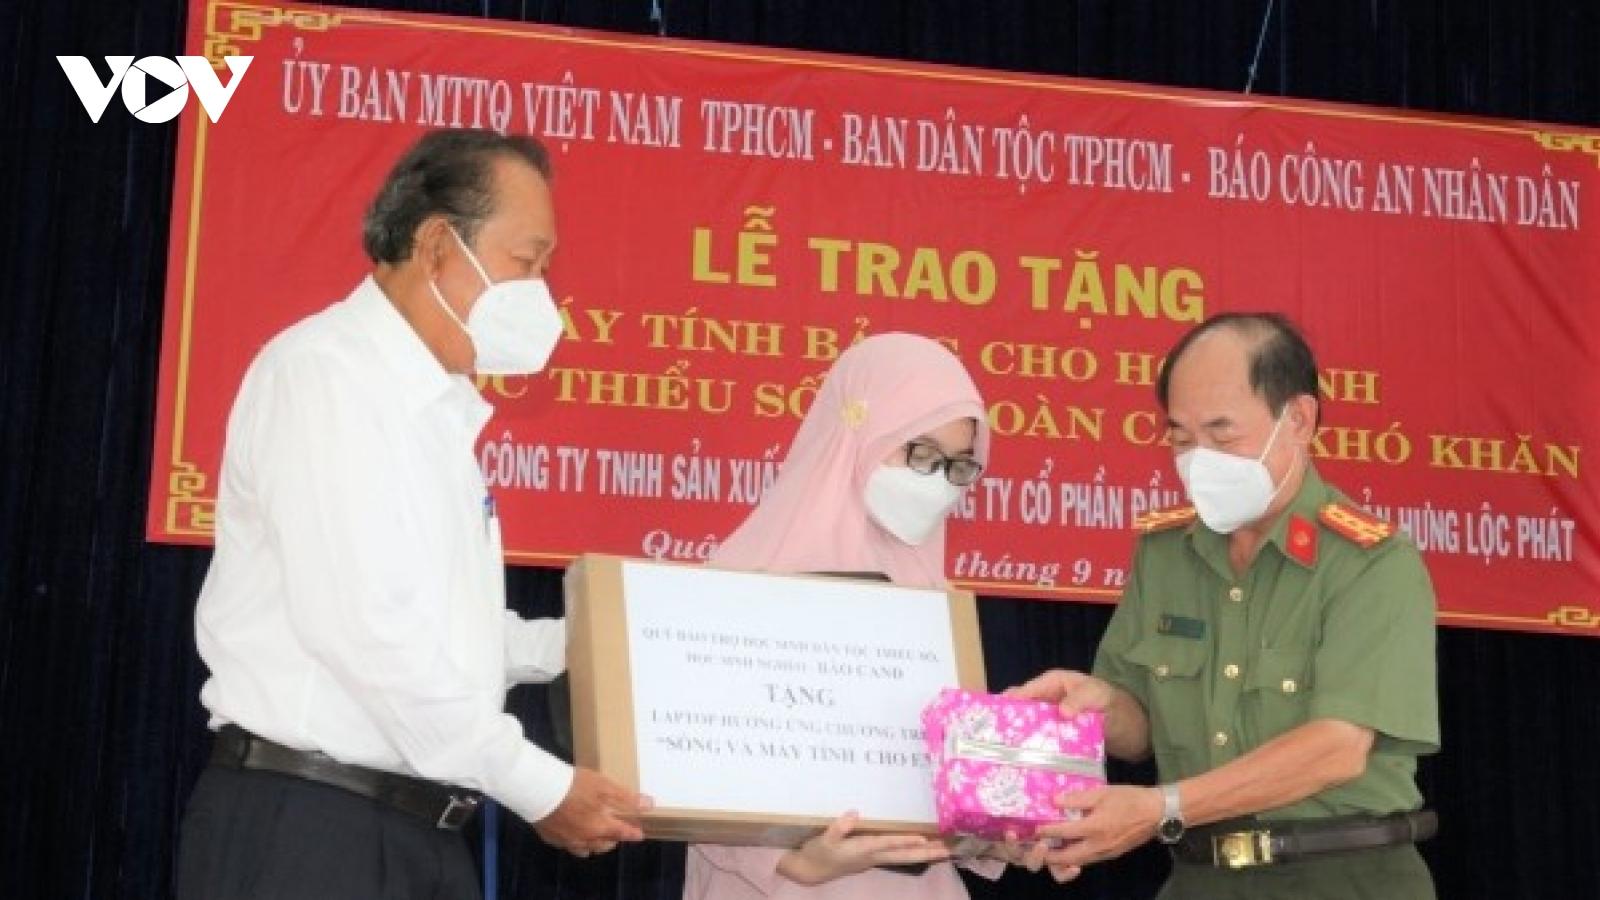 Trao tặng 100 máy tính bảng cho học sinh dân tộc có hoàn cảnh khó khăn tại TP.HCM